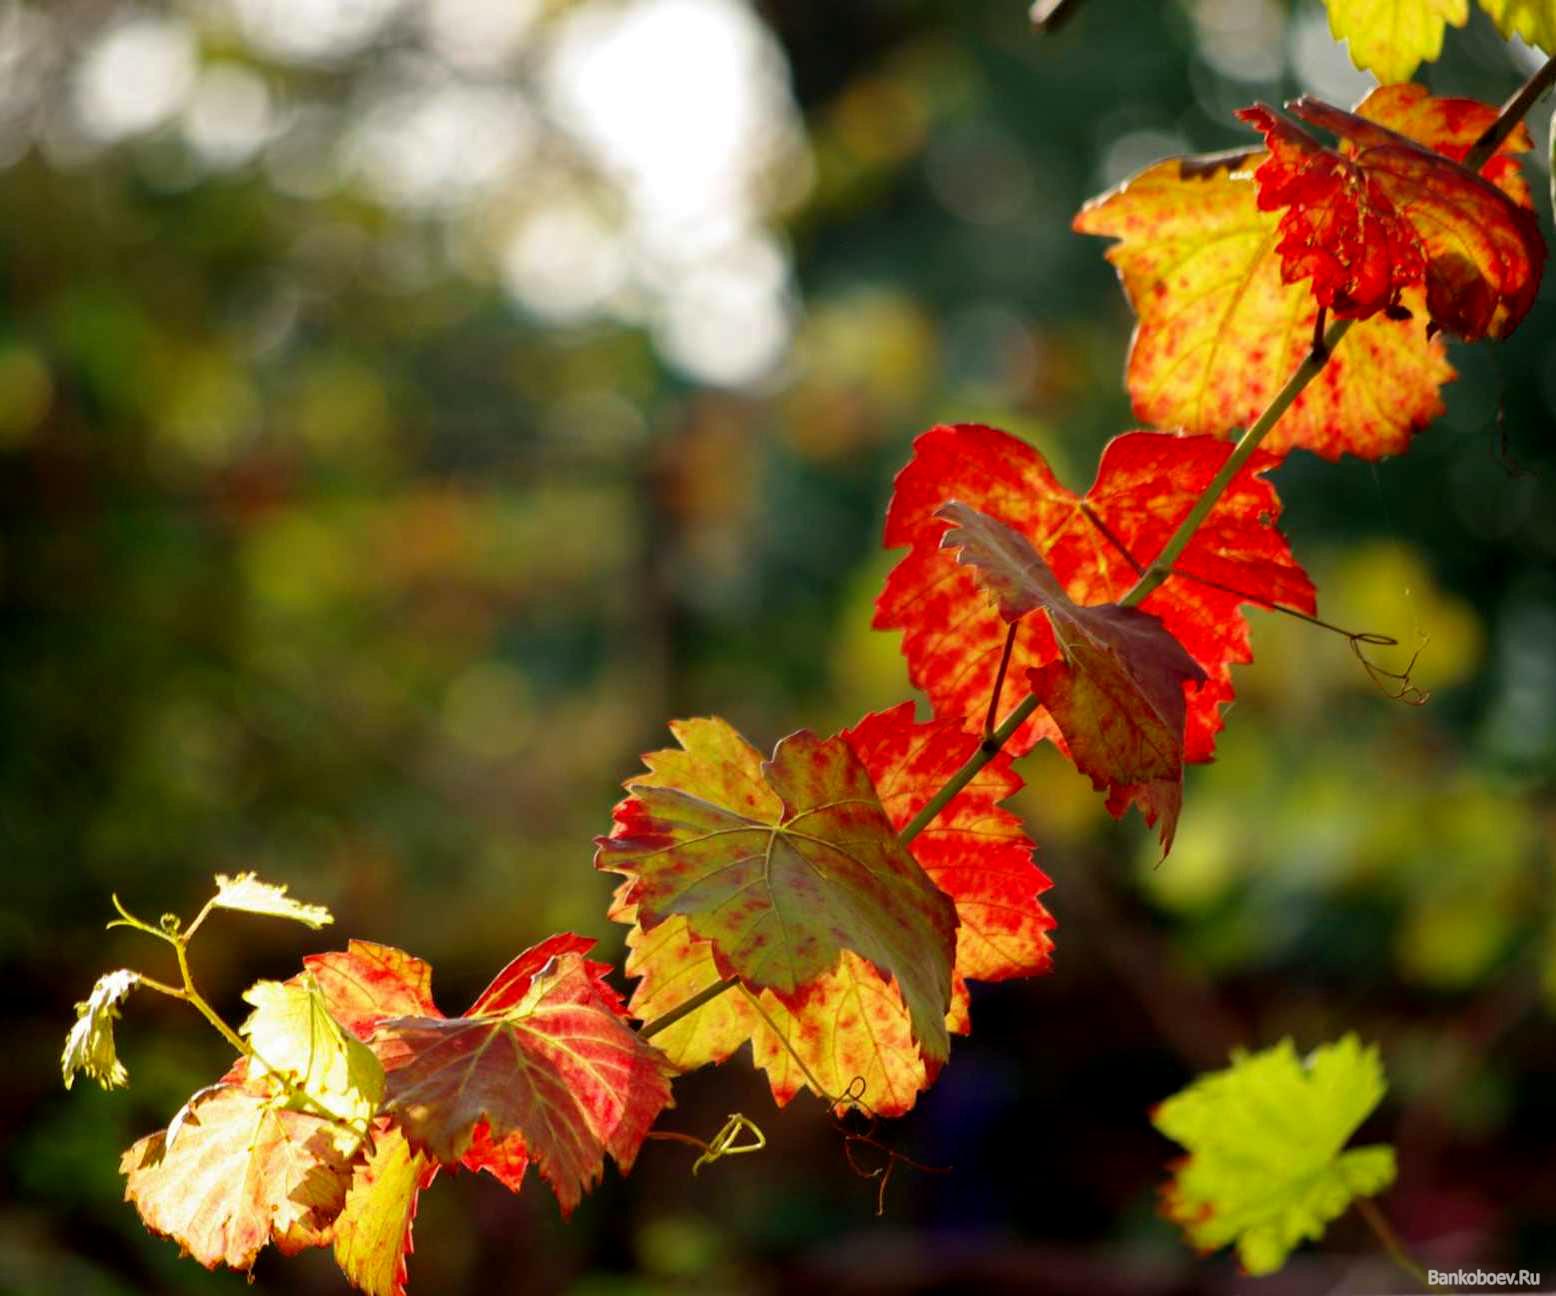 17161 скачать обои Растения, Листья, Виноград - заставки и картинки бесплатно